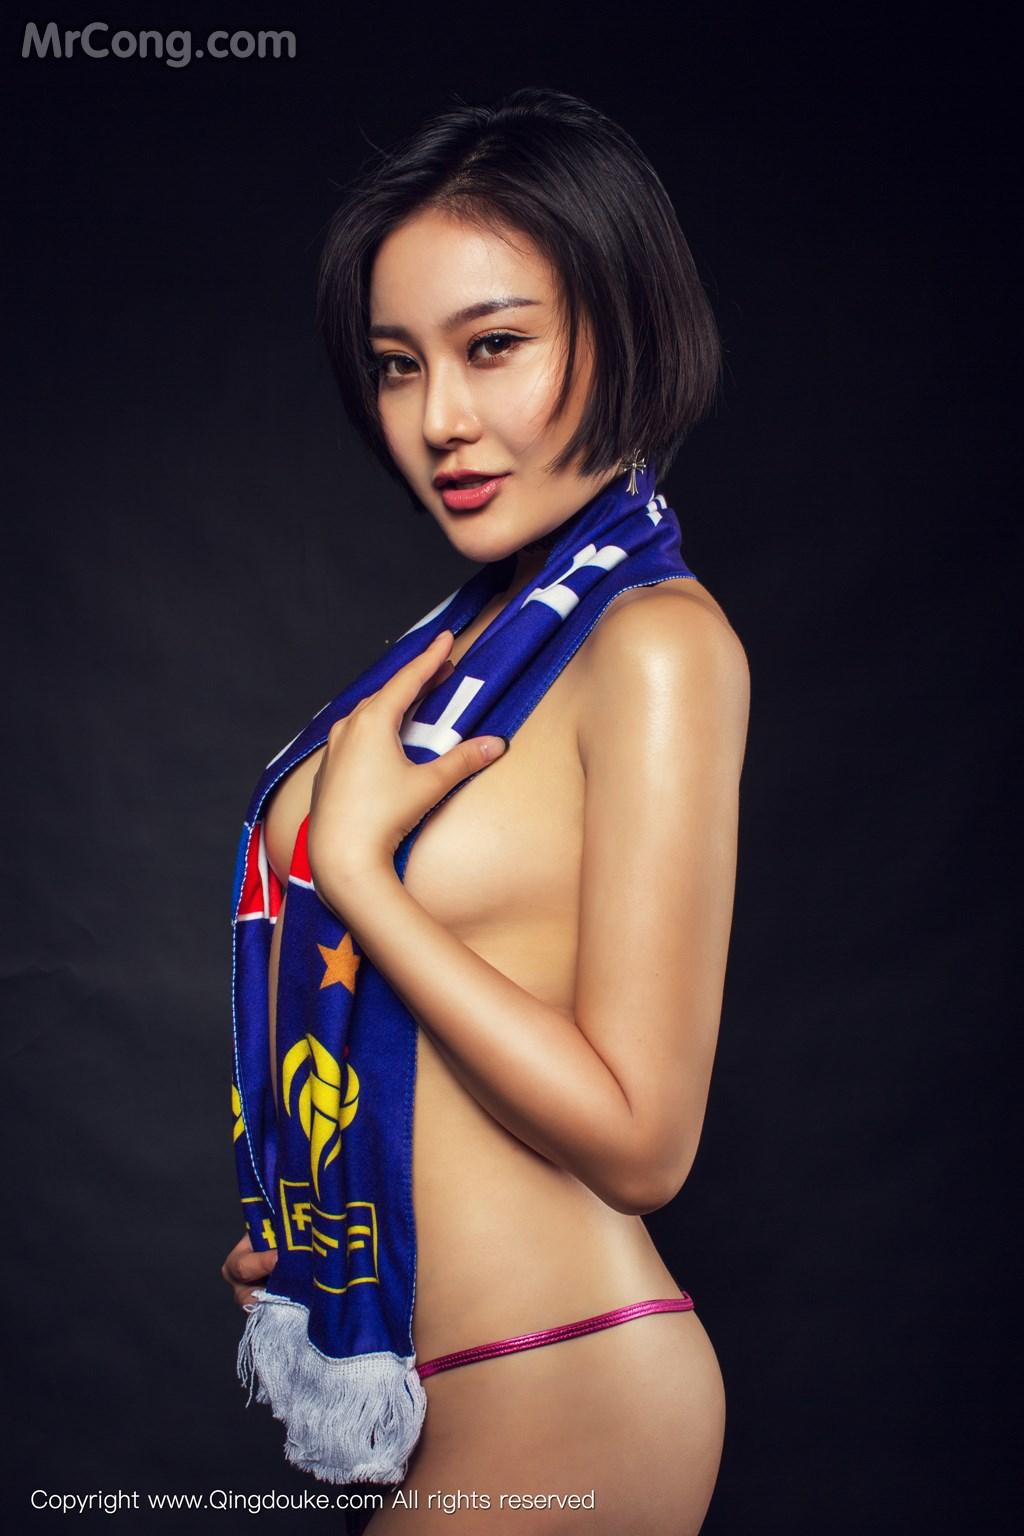 Image MrCong.com-QingDouKe-2016-11-17-Chan-003 in post QingDouKe 2016-11-17: Người mẫu Chan (婵) (44 ảnh)